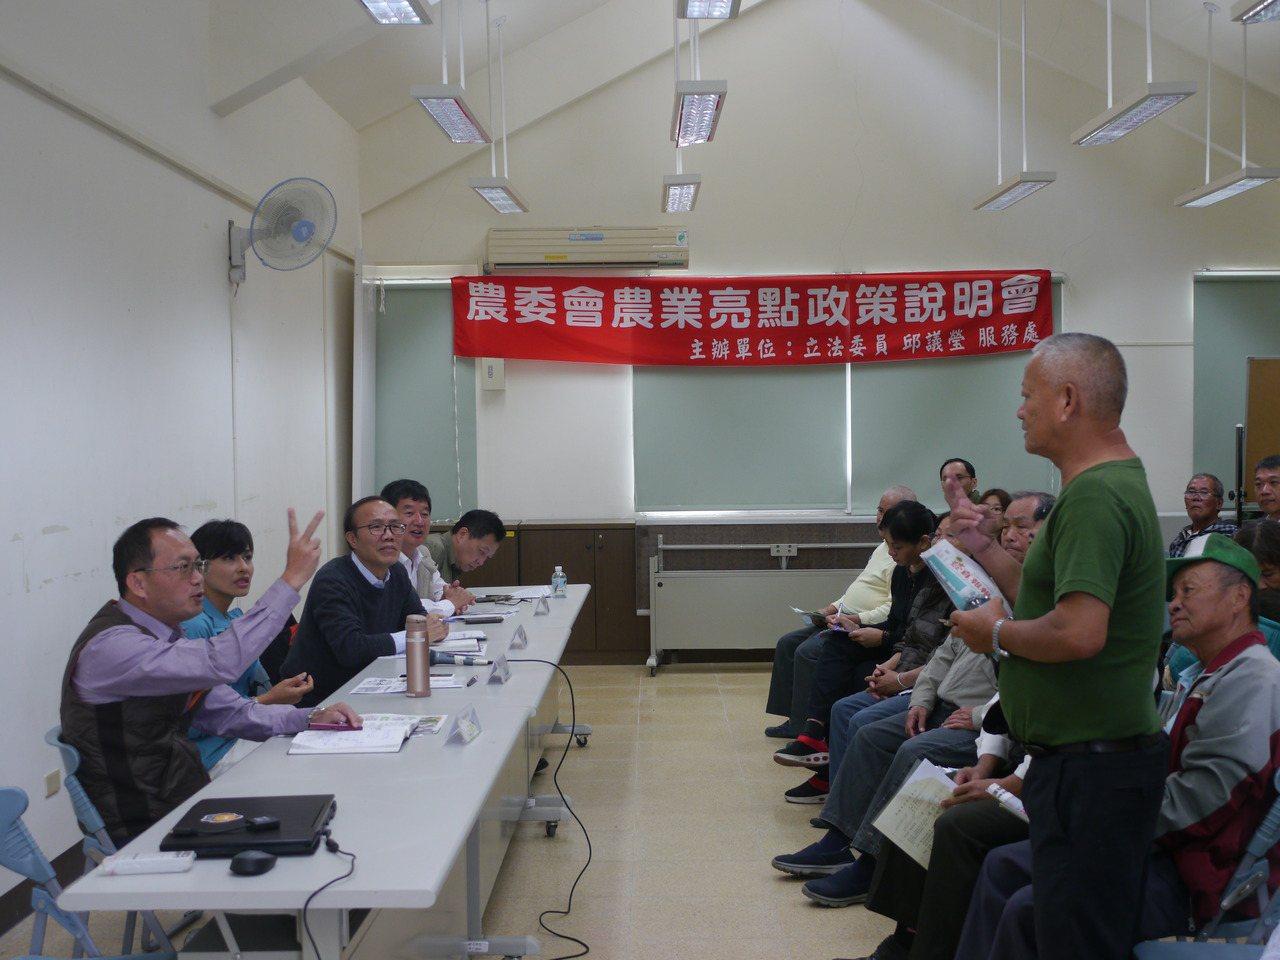 高市立委邱議瑩(左二)舉辦農業座談會,農委會副主委陳添壽(左三)頻率團隊說明相關...